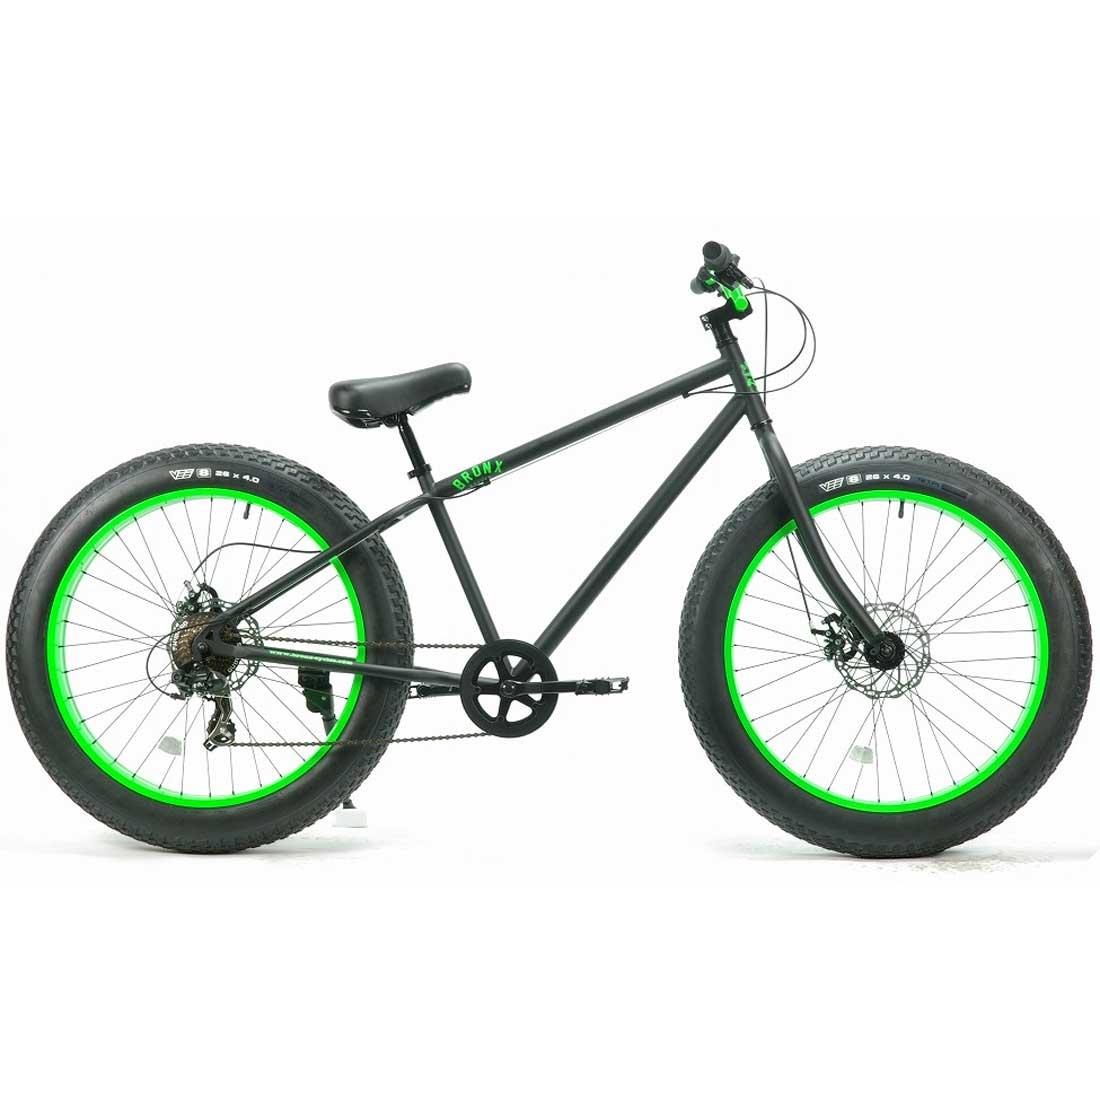 ファットバイク 26インチ 極太タイヤ 変速付 おしゃれ 自転車 通勤 通学 ブロンクスファットバイク 26BRONX-DD マットブラック×ライムリム メンズ レディース